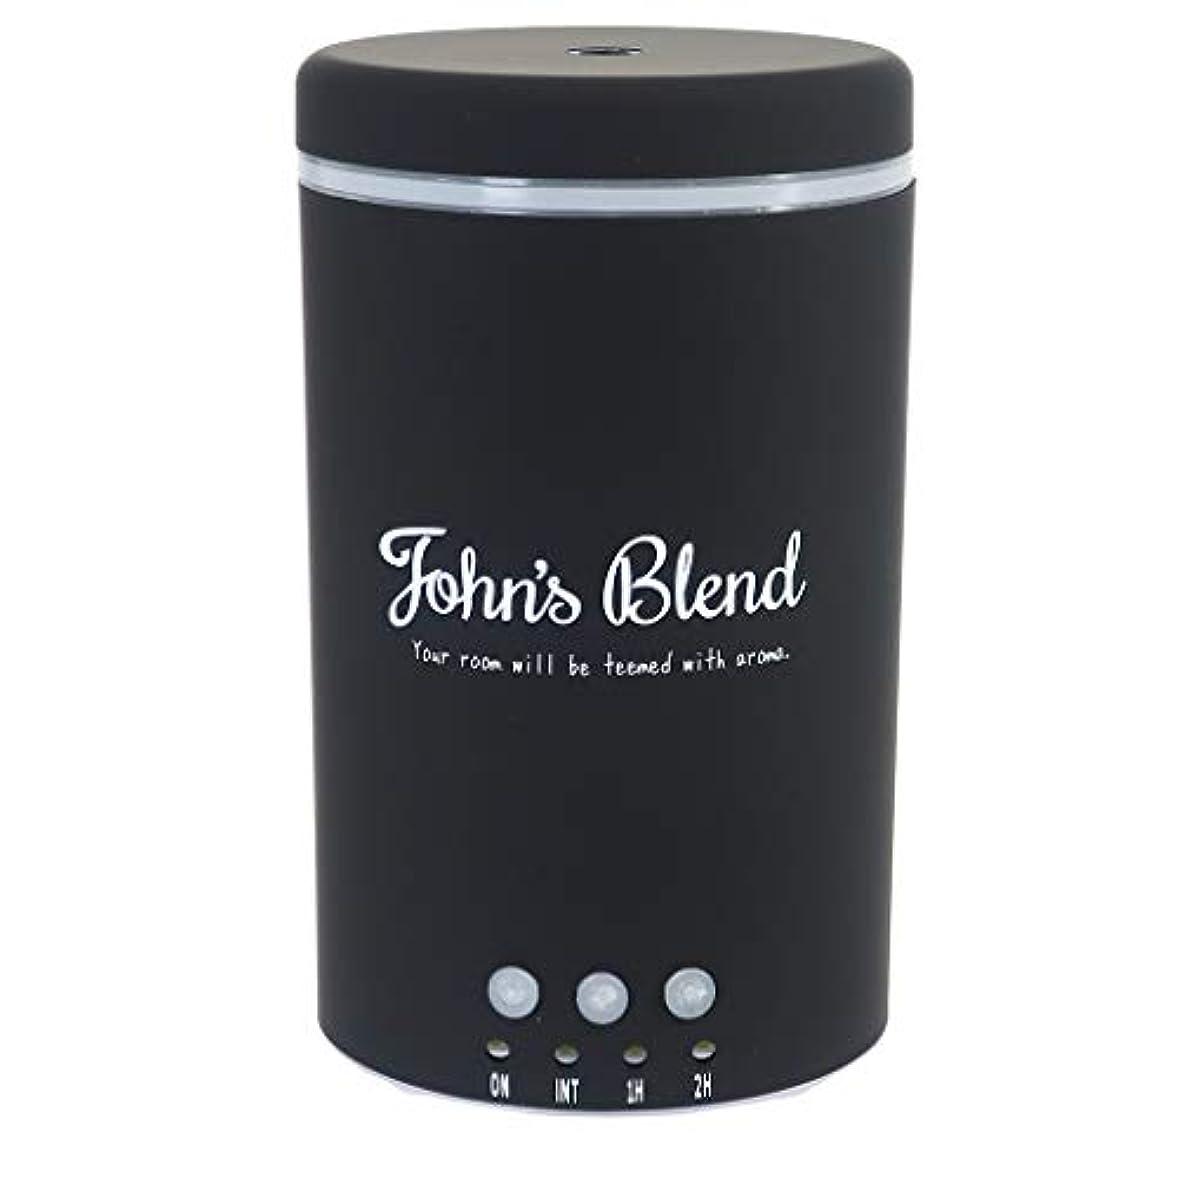 拒絶する理容師ピアース超音波加湿方式[John's Blend]アロマディフューザー/ブラック